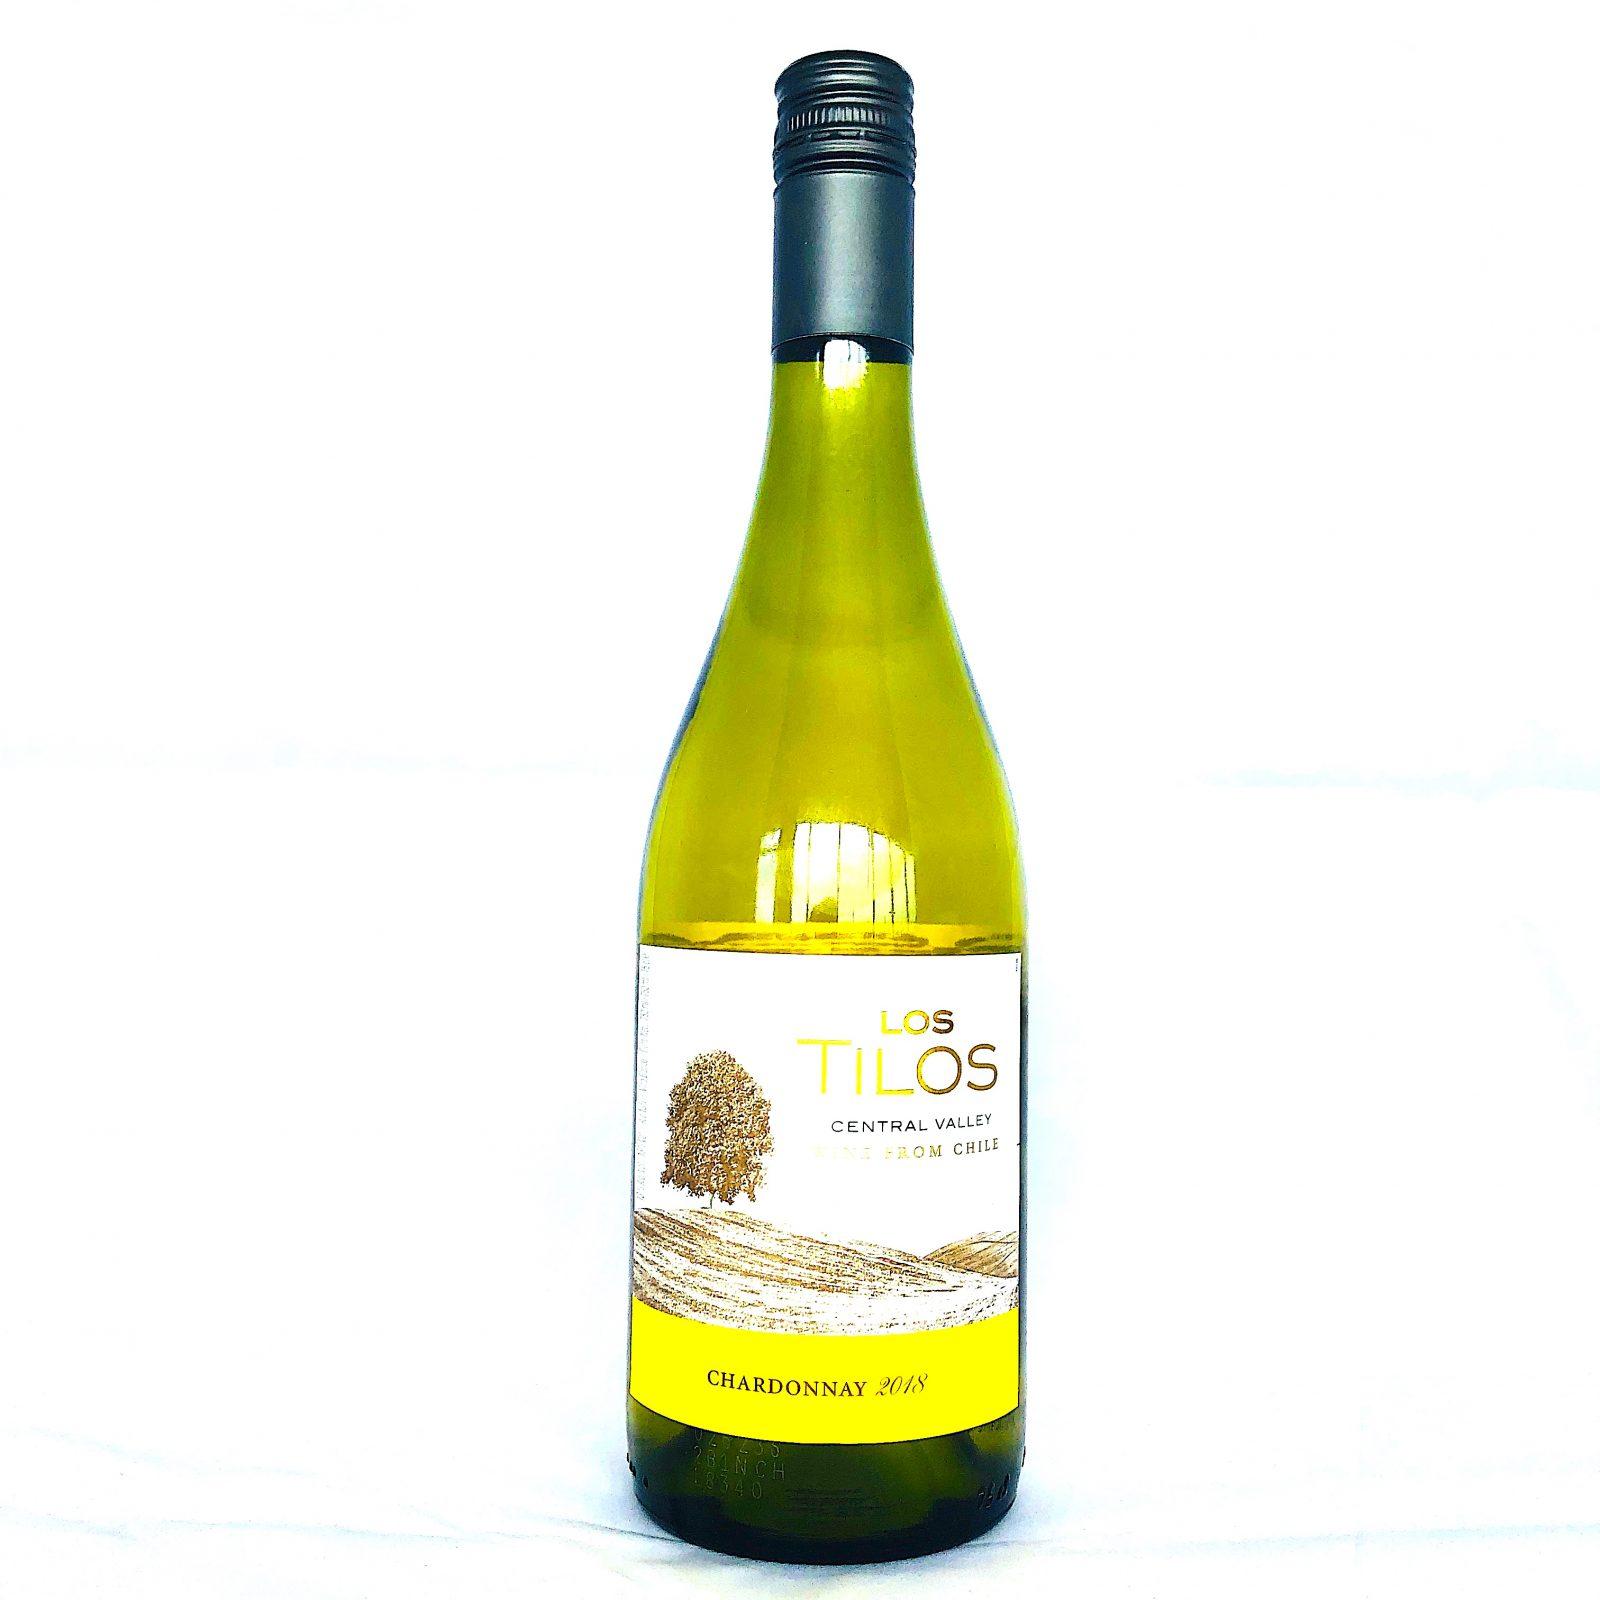 Los-Tilos-Chardonnay-Wijn-van-ons